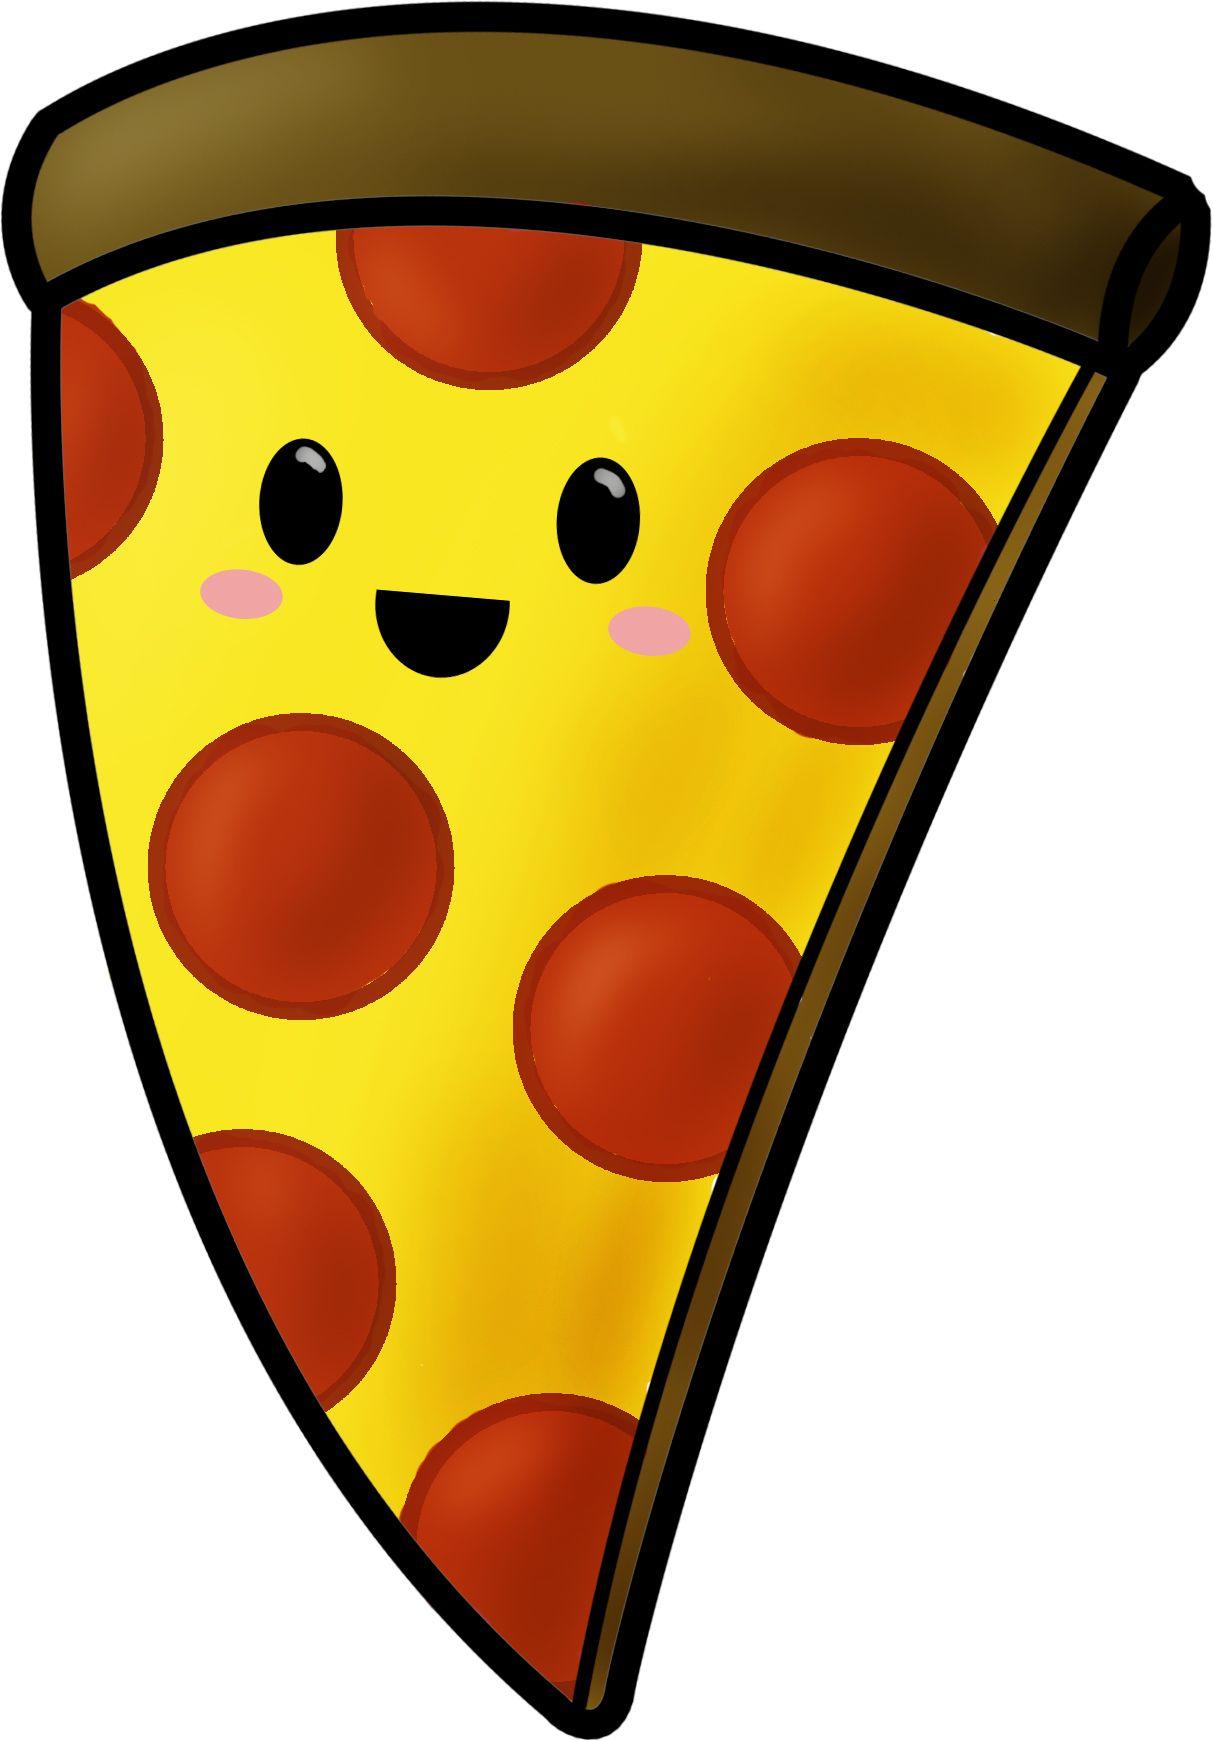 Galería Pizza Kawaii Dibujos Kawaii Dibujo De Pizza Y Kawaii